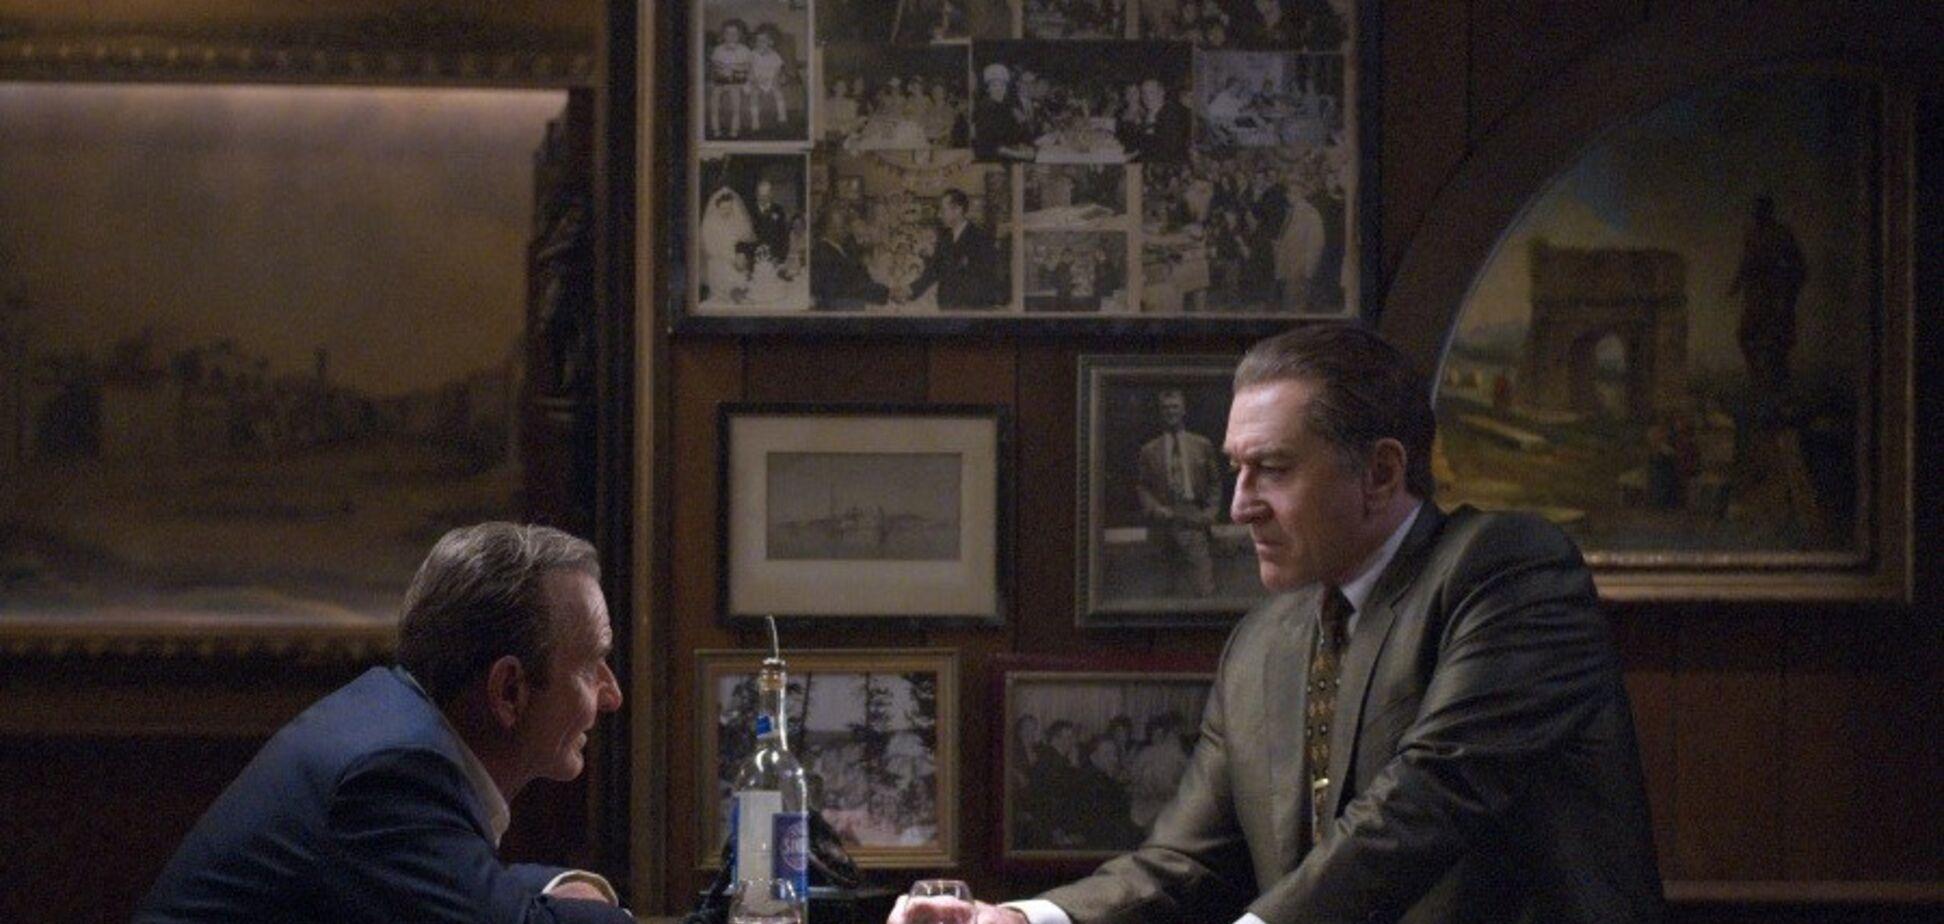 'Ірландець' Мартіна Скорсезе: коли вийде, трейлер, де дивитися онлайн, відгуки